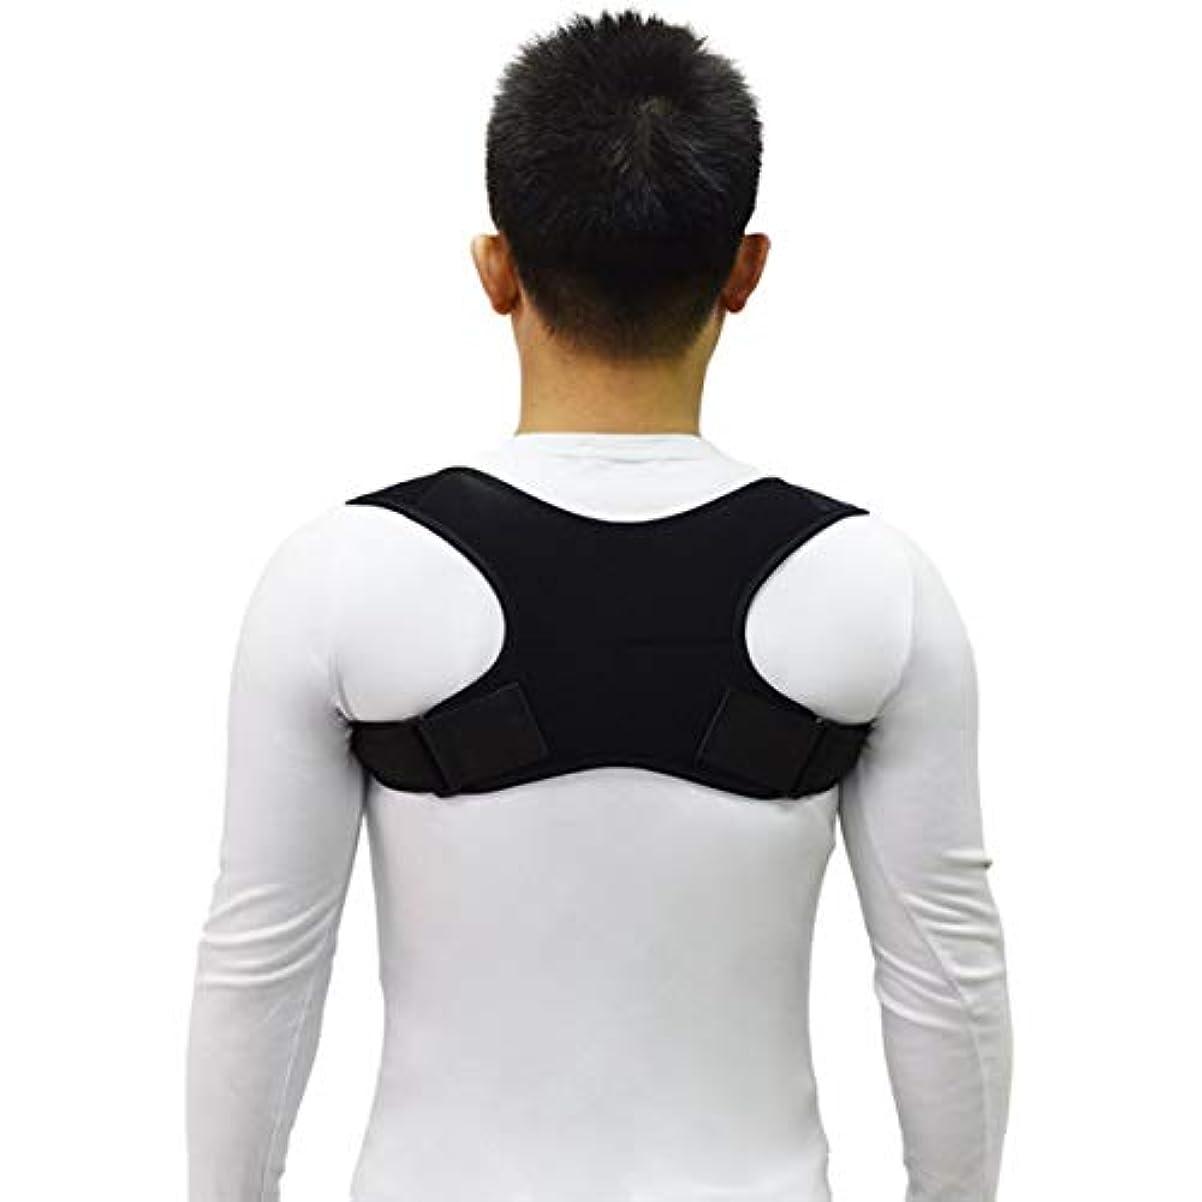 ぶどう発表する知覚する新しいアッパーバックポスチャーコレクター姿勢鎖骨サポートコレクターバックストレートショルダーブレースストラップコレクター - ブラック